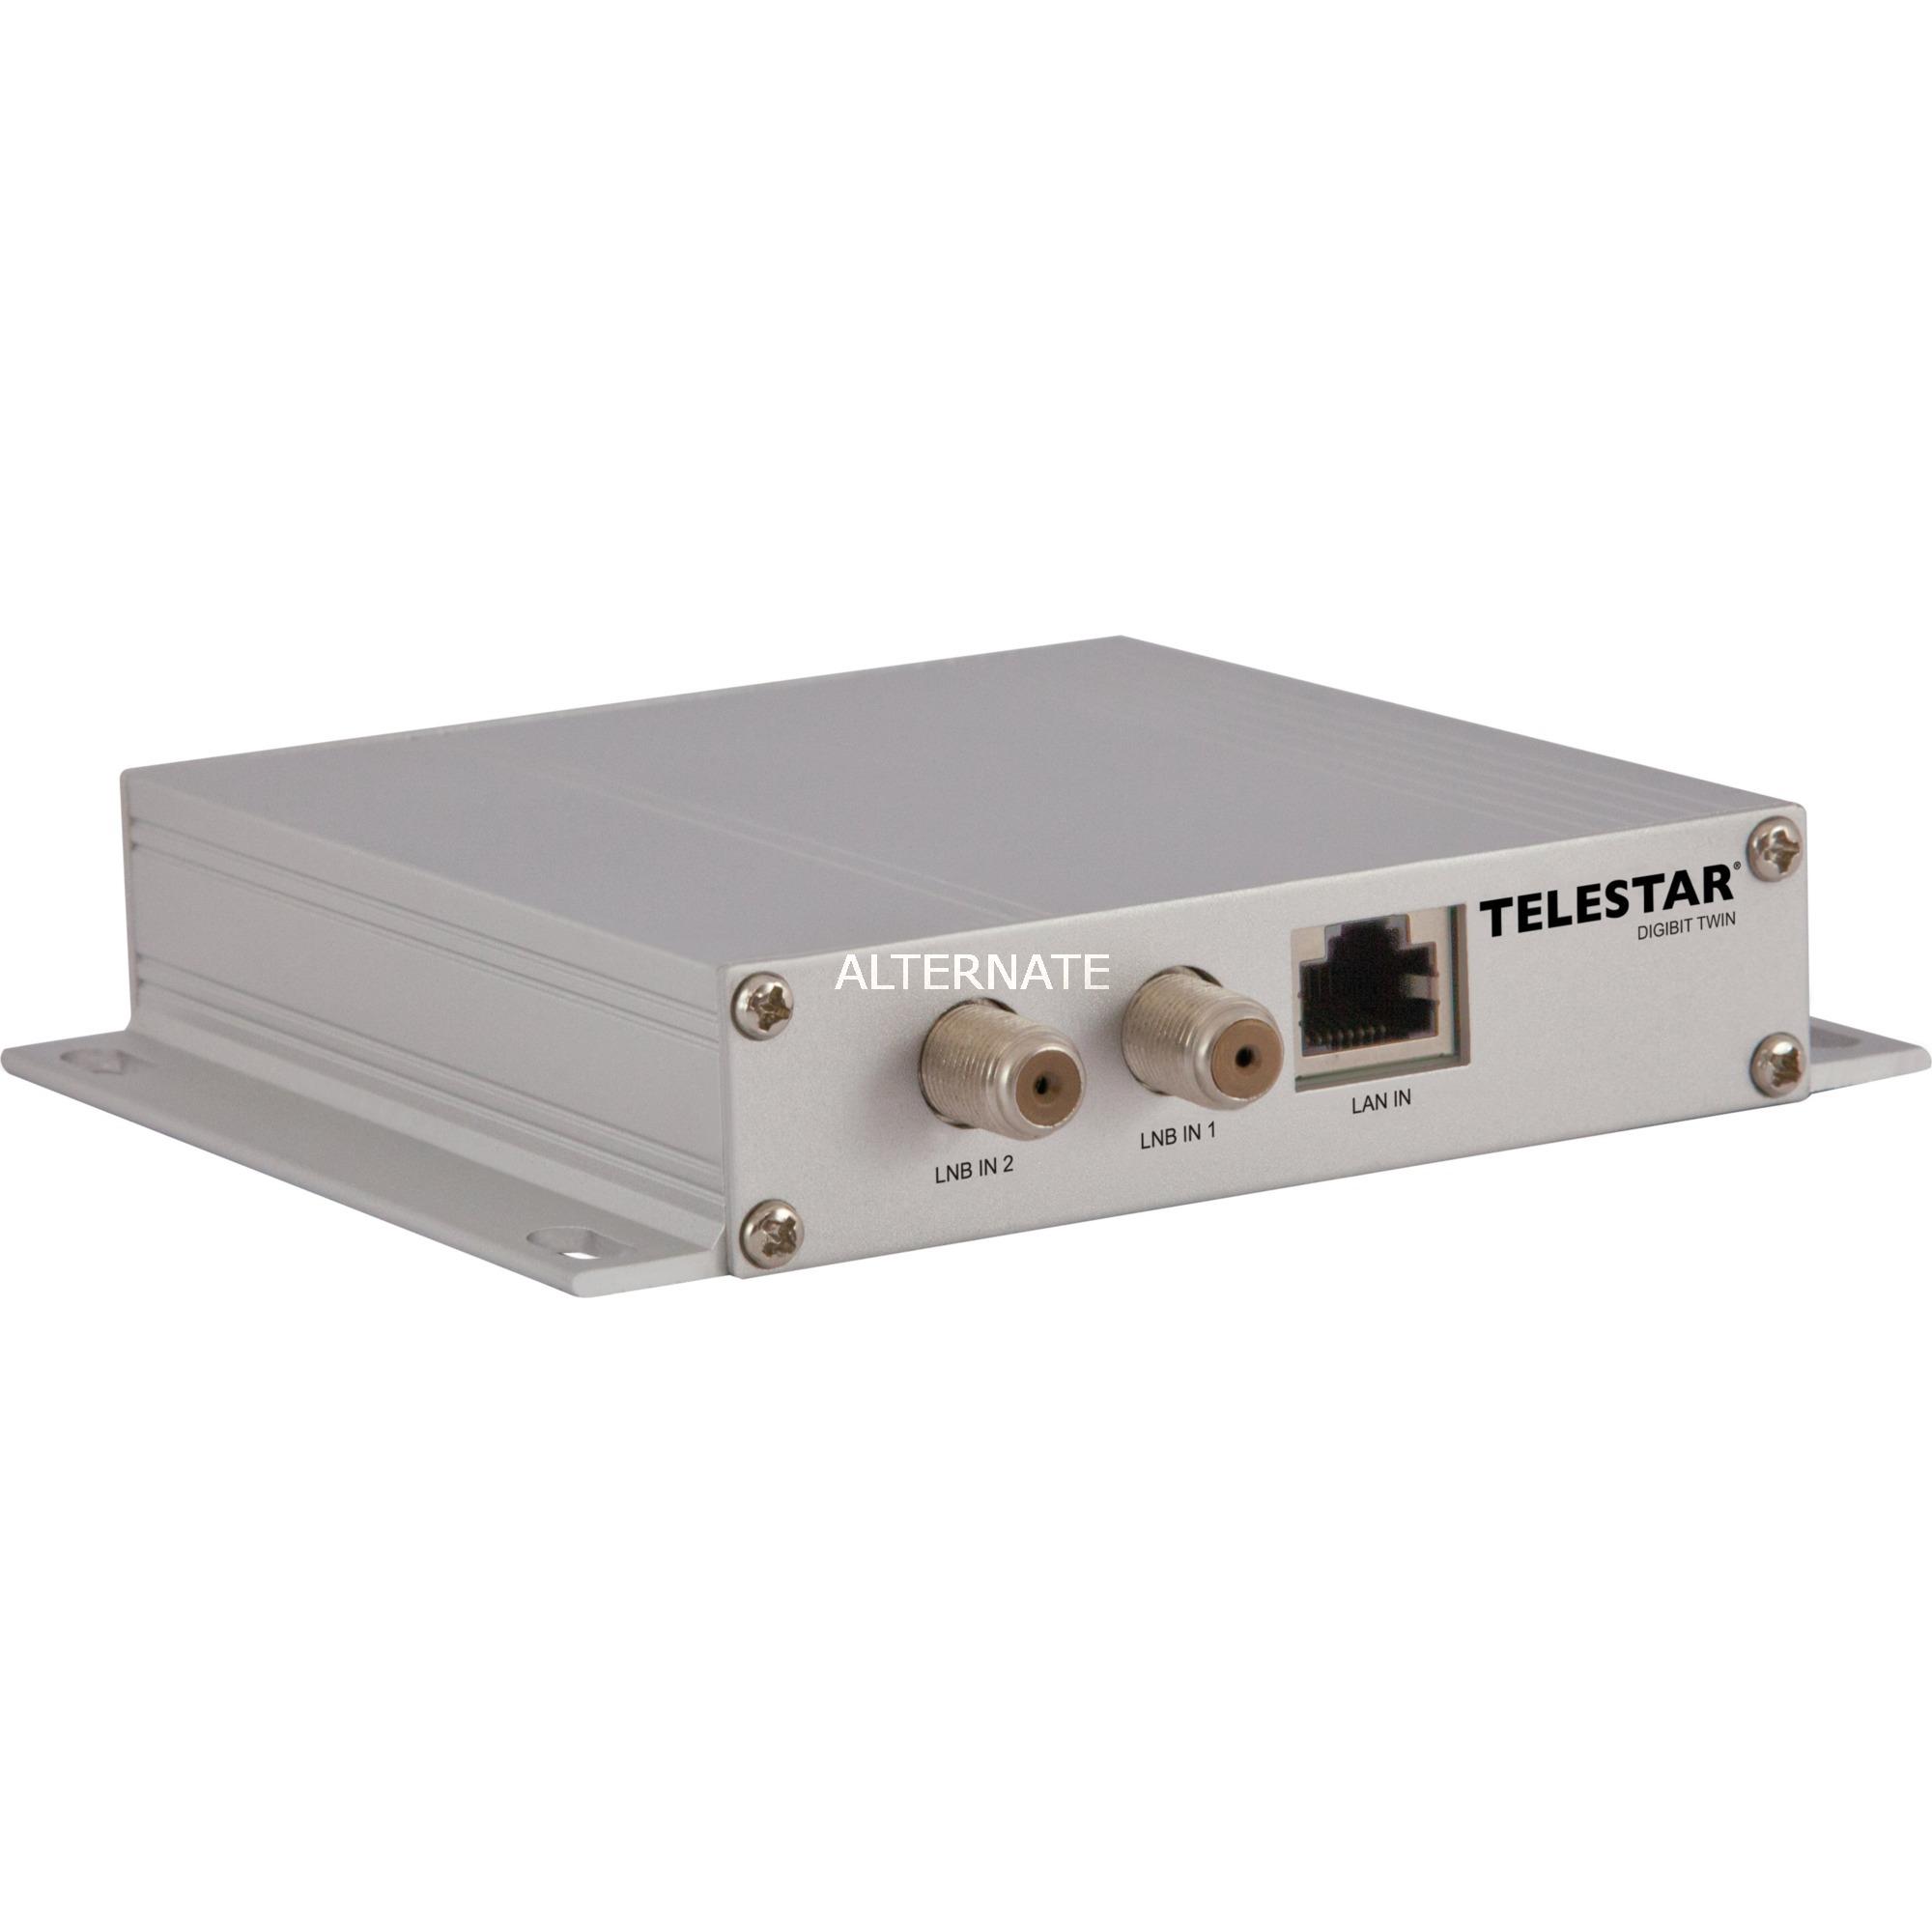 DIGIBIT Twin conmutador múltiple para satélite 1 Entradas 2 Salidas, Transmisor